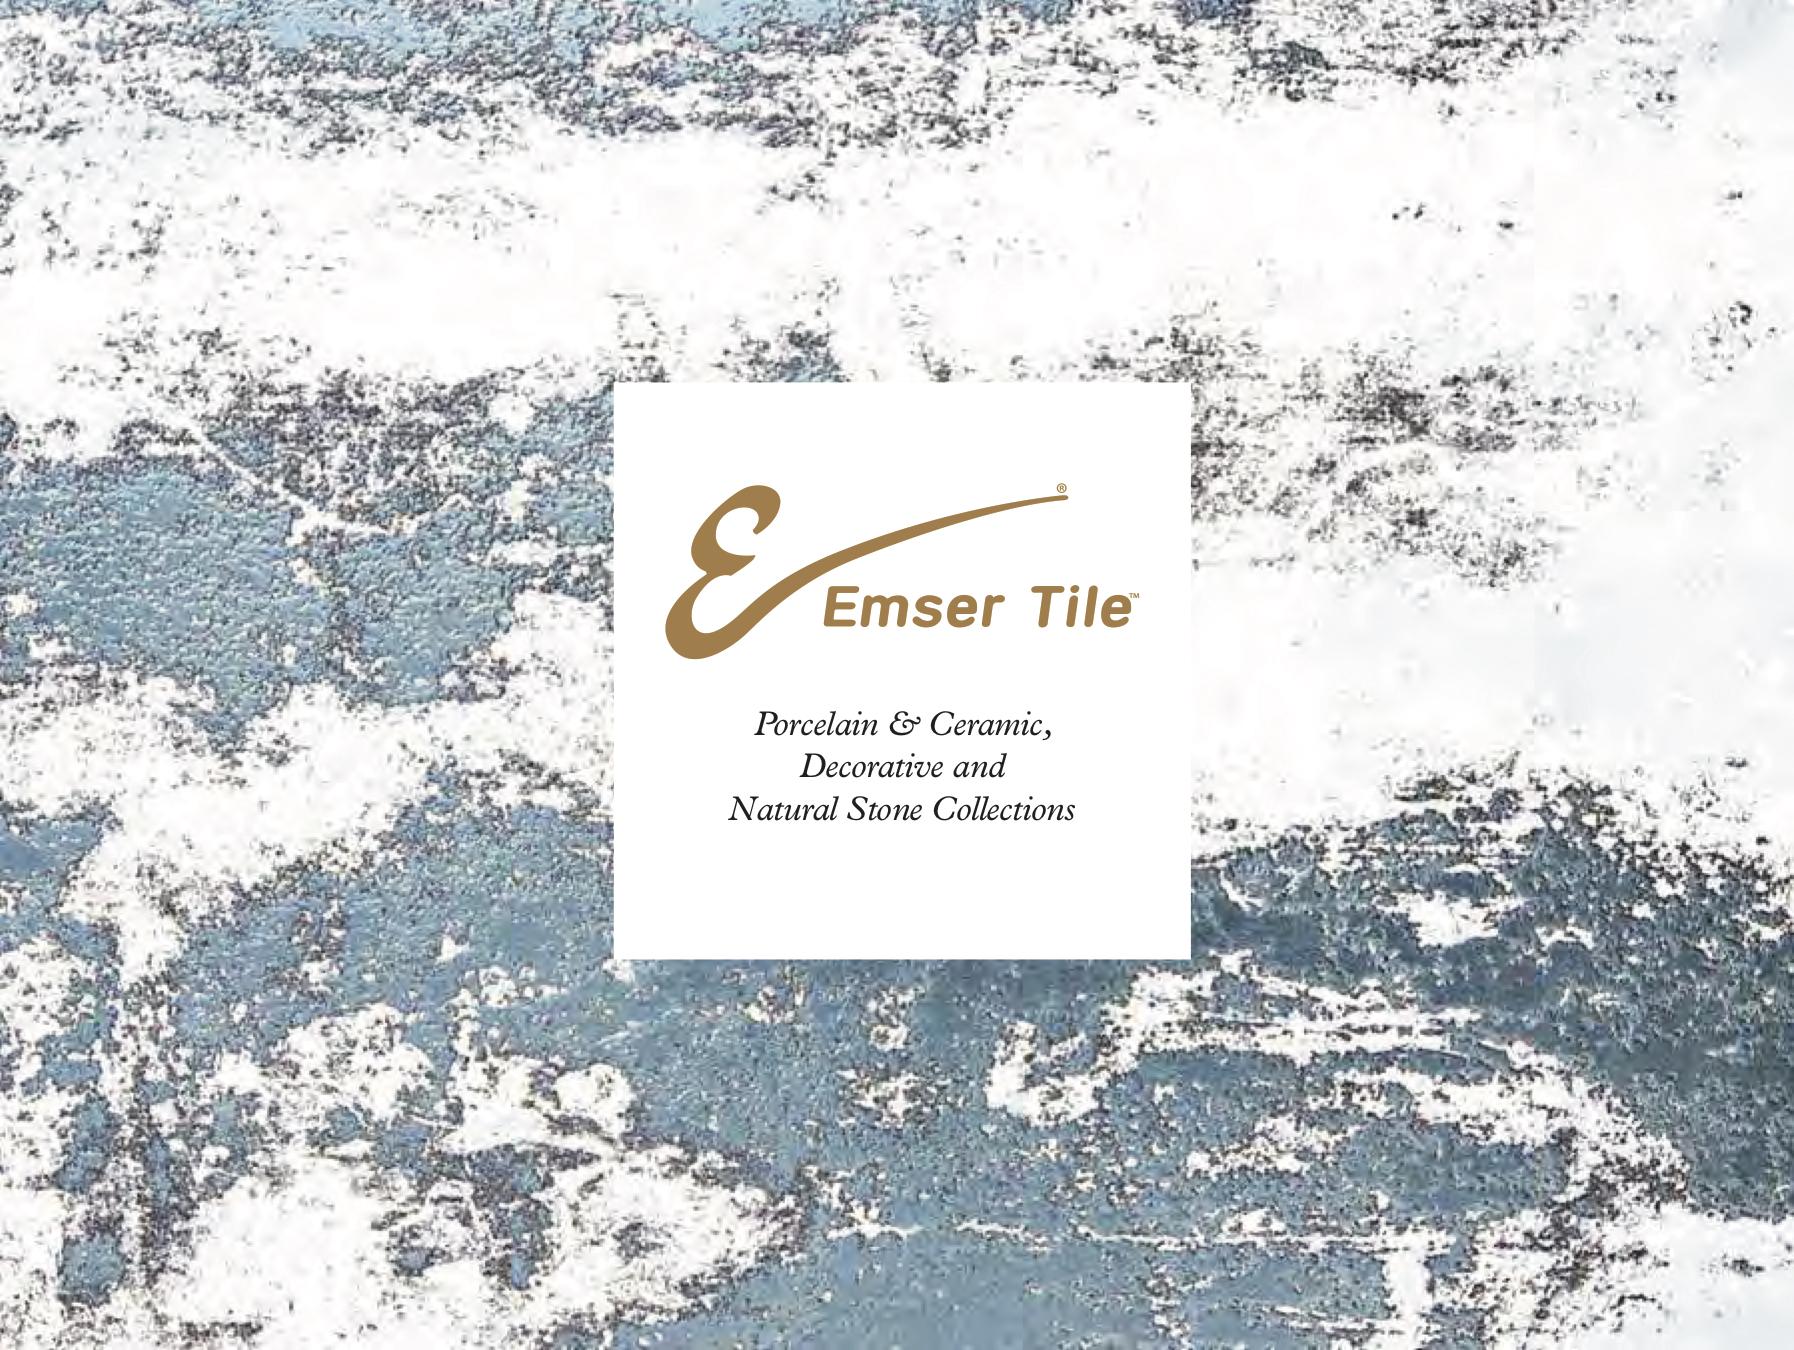 Emser_Tile_2017_Full_Catalog.jpg